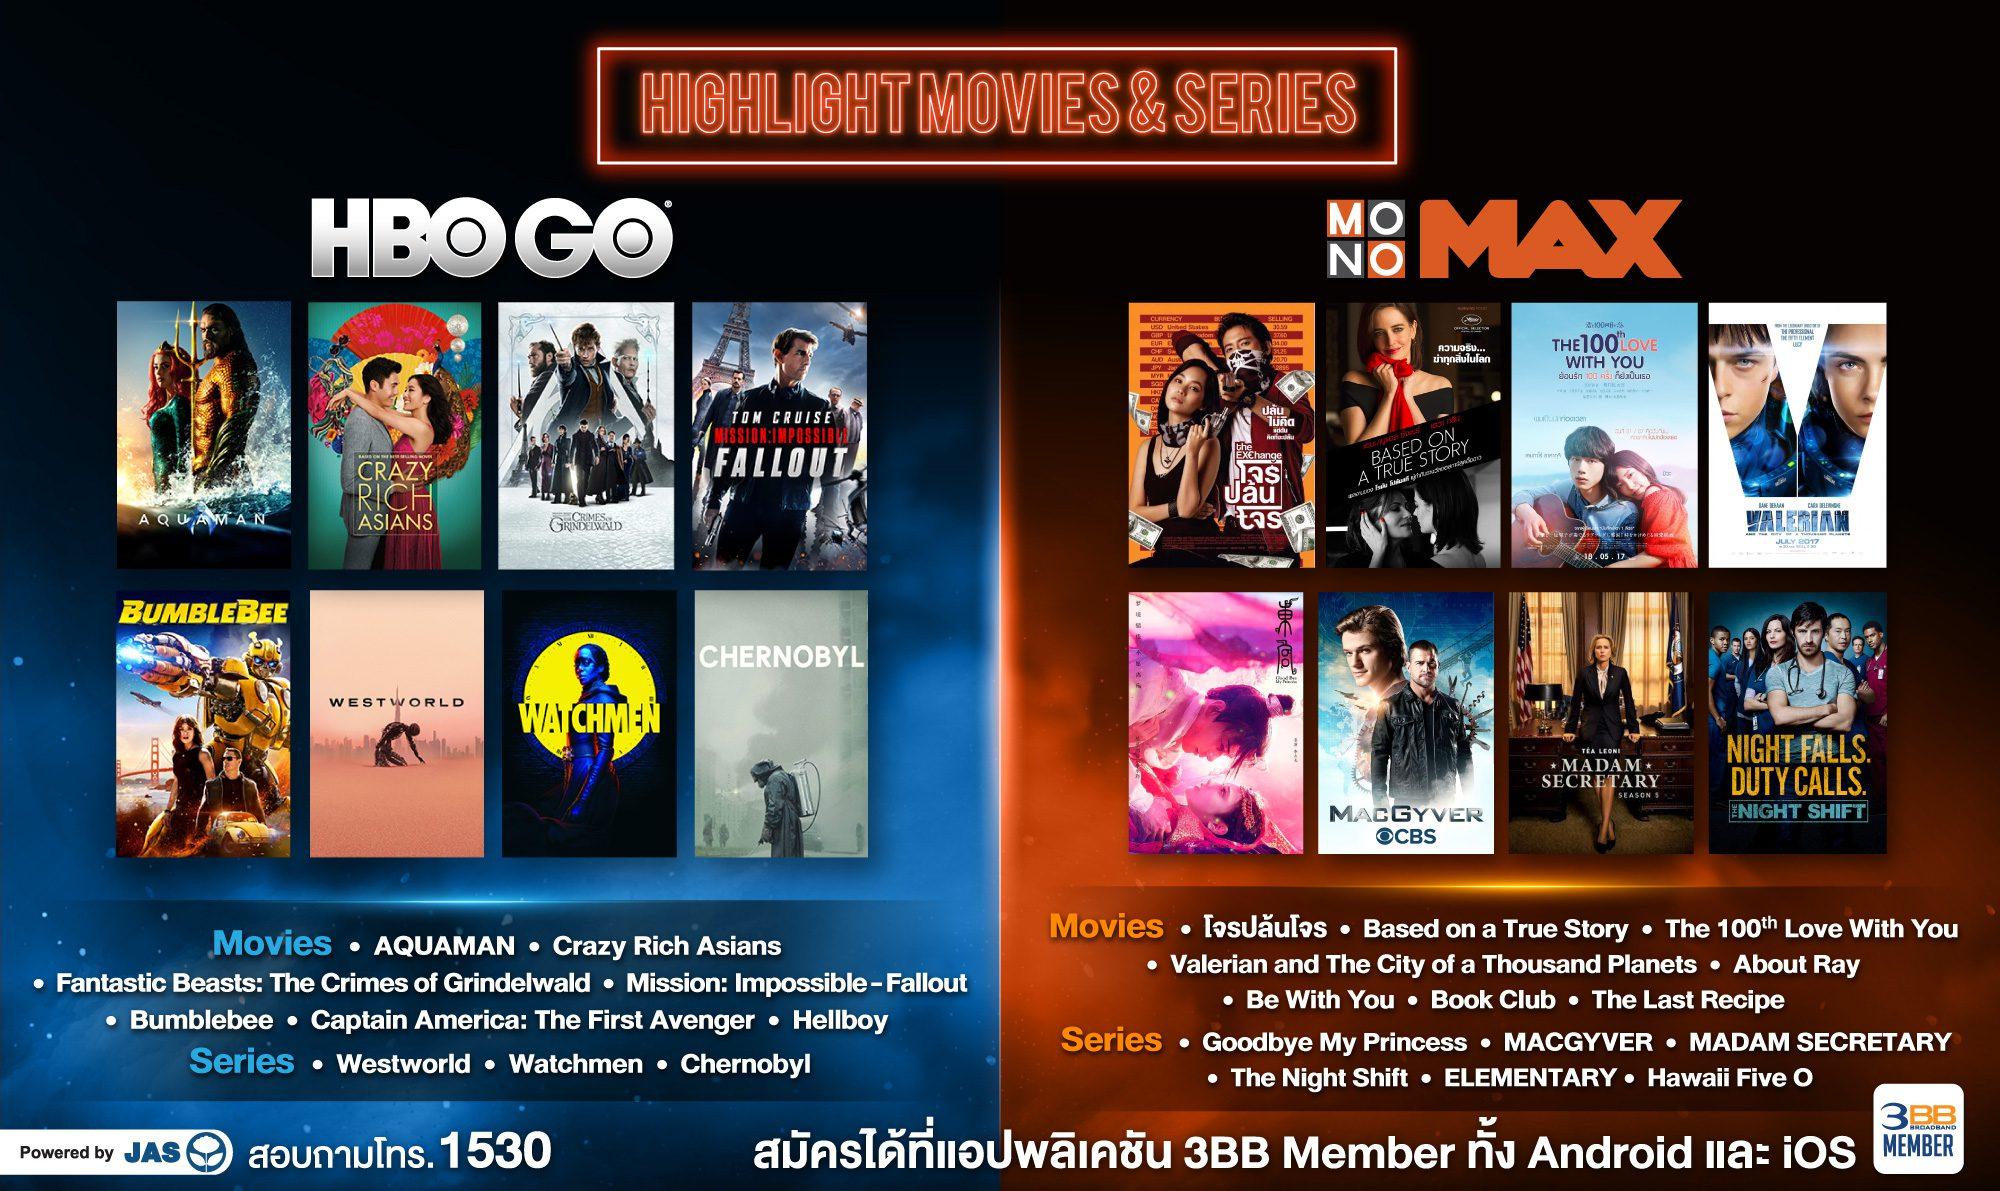 ห้ามพลาด!! หนังและซีรีส์ ฮิตๆ บน HBO GO และ MONOMAX นั่งดูกันยาวๆ ได้เลย เริ่ม 30 มี.ค. นี้